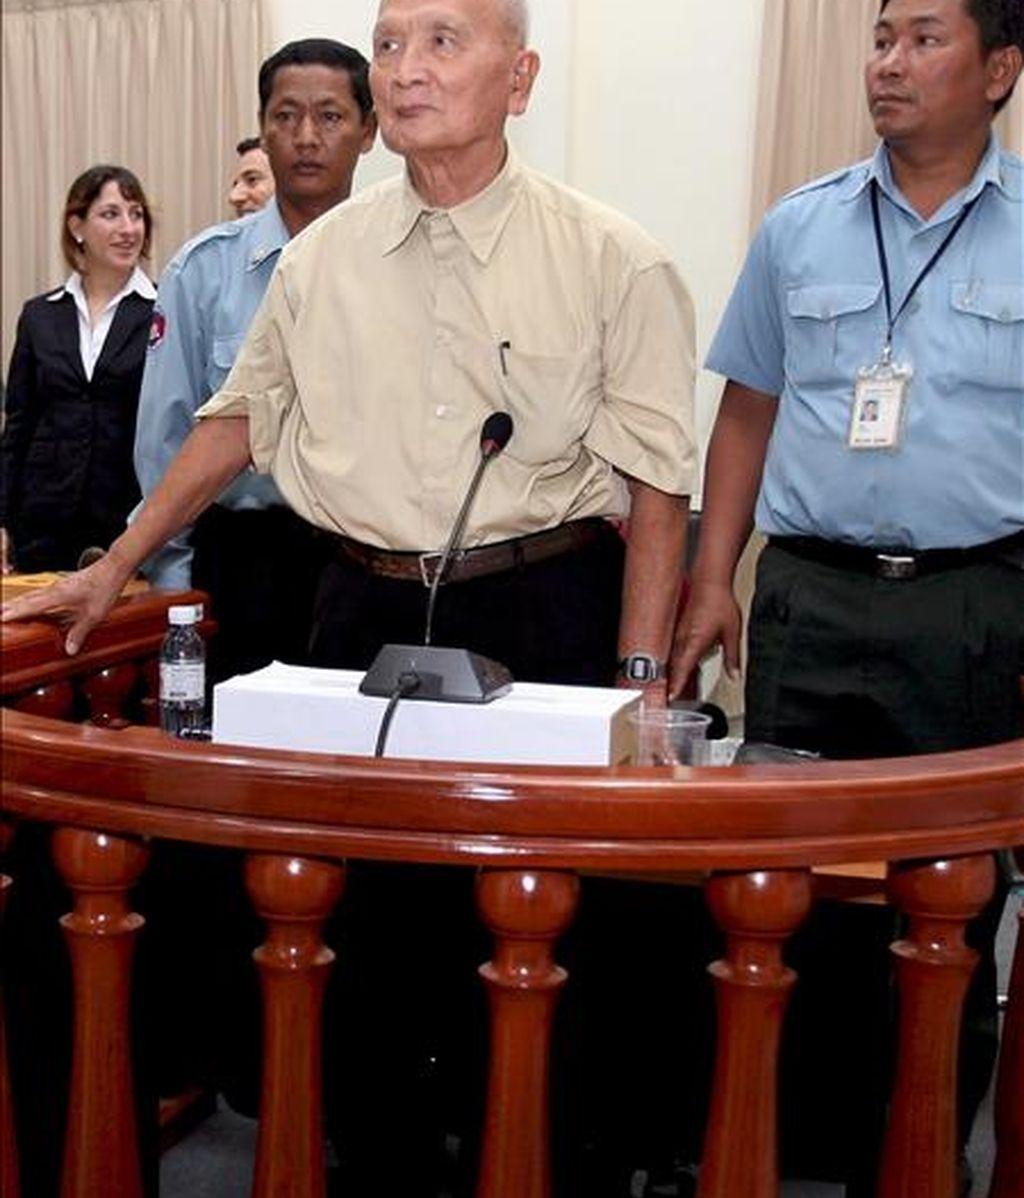 El ex líder del Jemer Rojo Nuon Chea (2-d), es fotografiado en la Cámara Extraordinaria de las Cortes de Camboya (ECCC), en Phnom Penh. EFE/Archivo